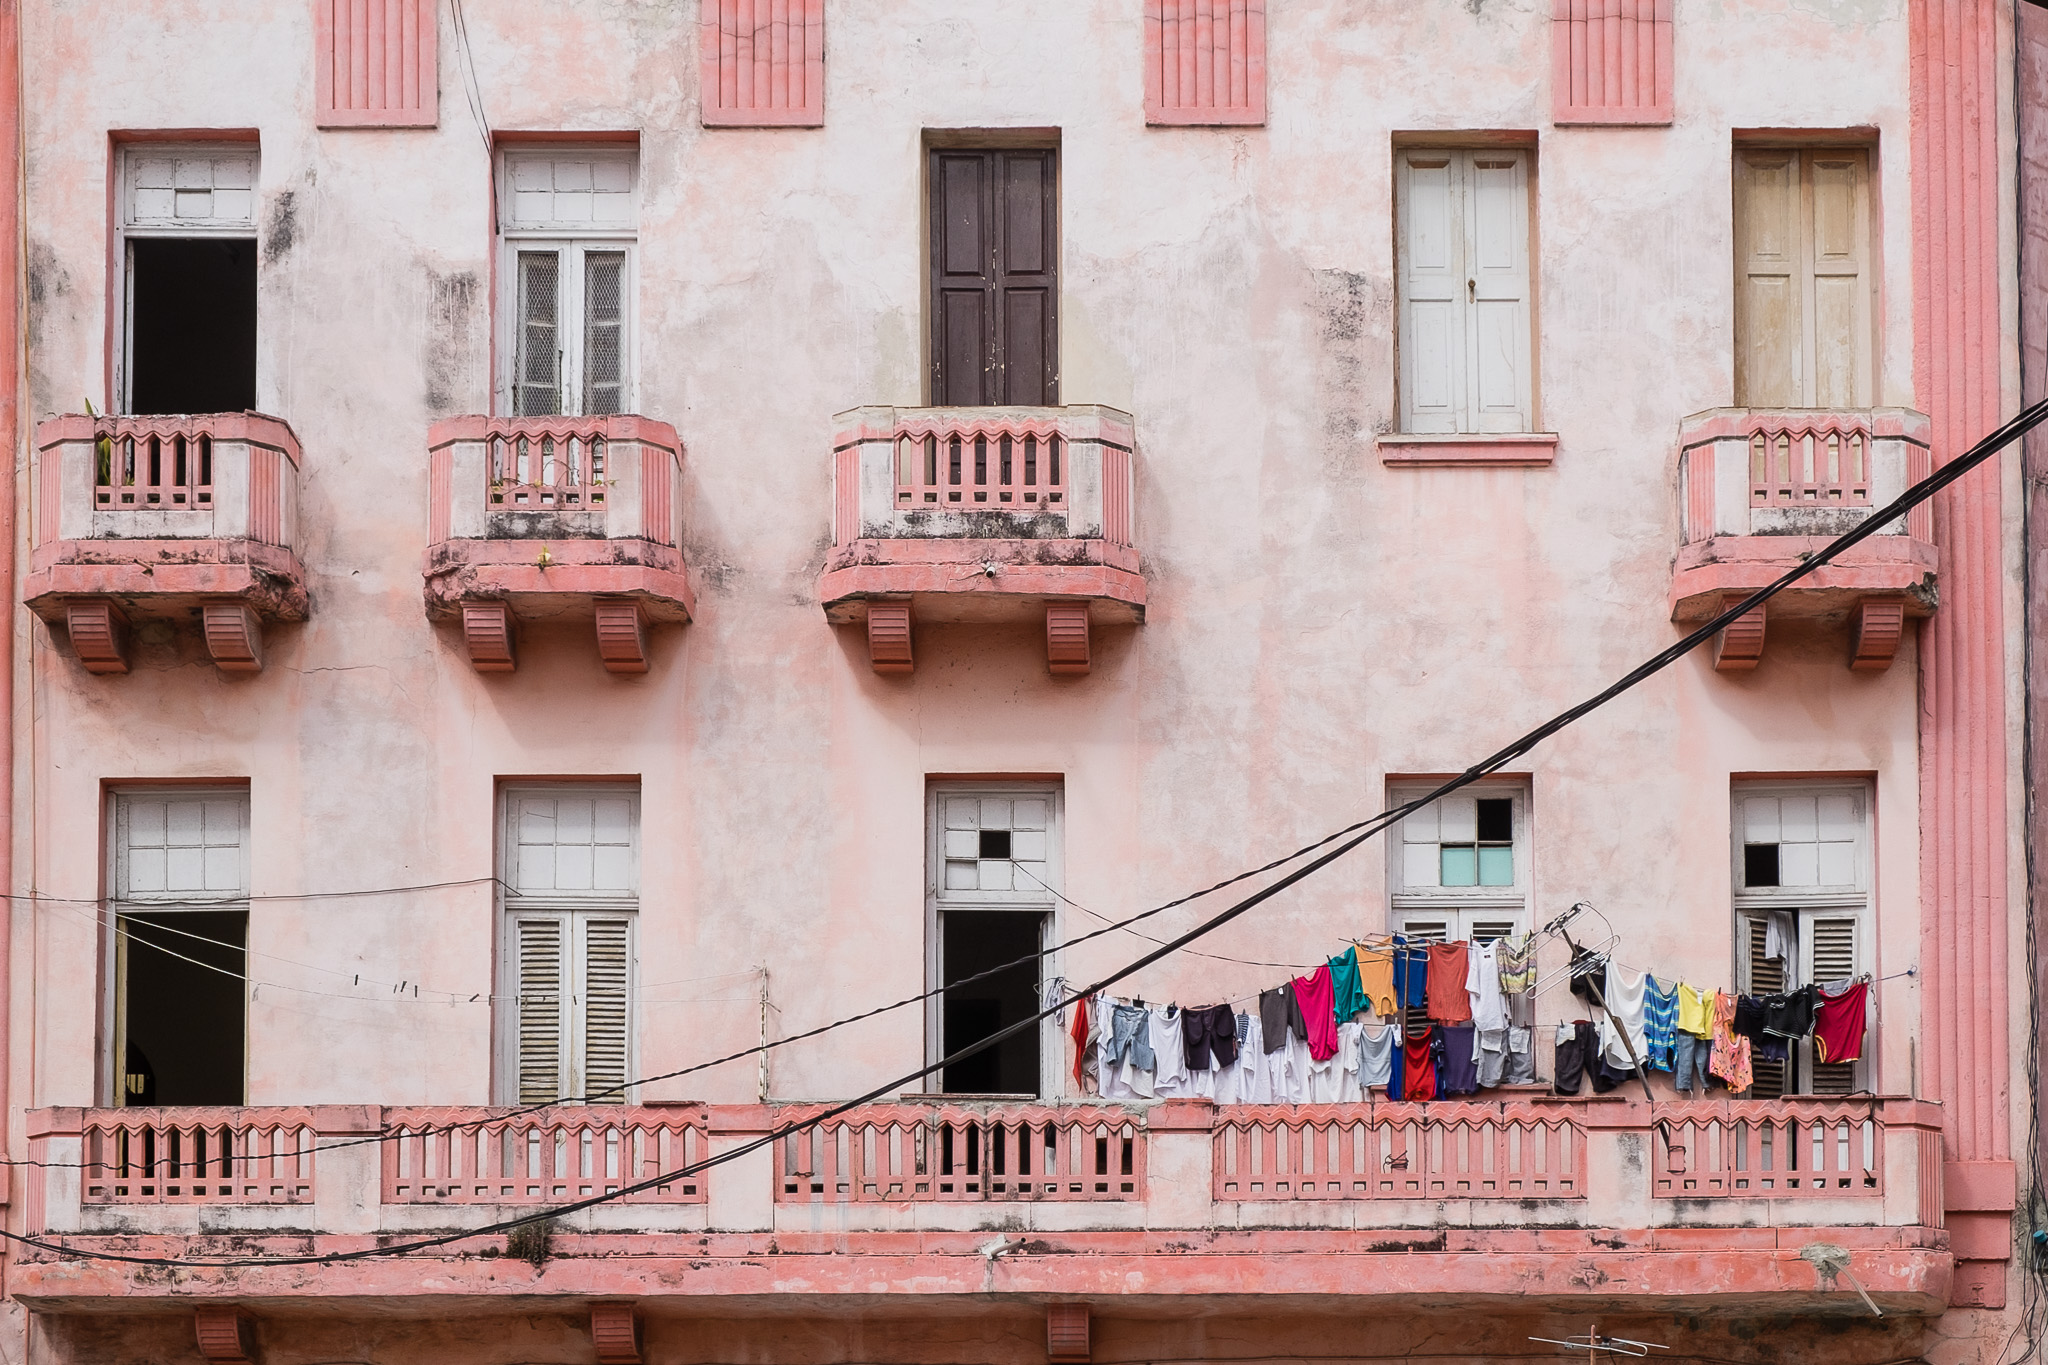 Cuba-2017-12-Havana-0351.jpg